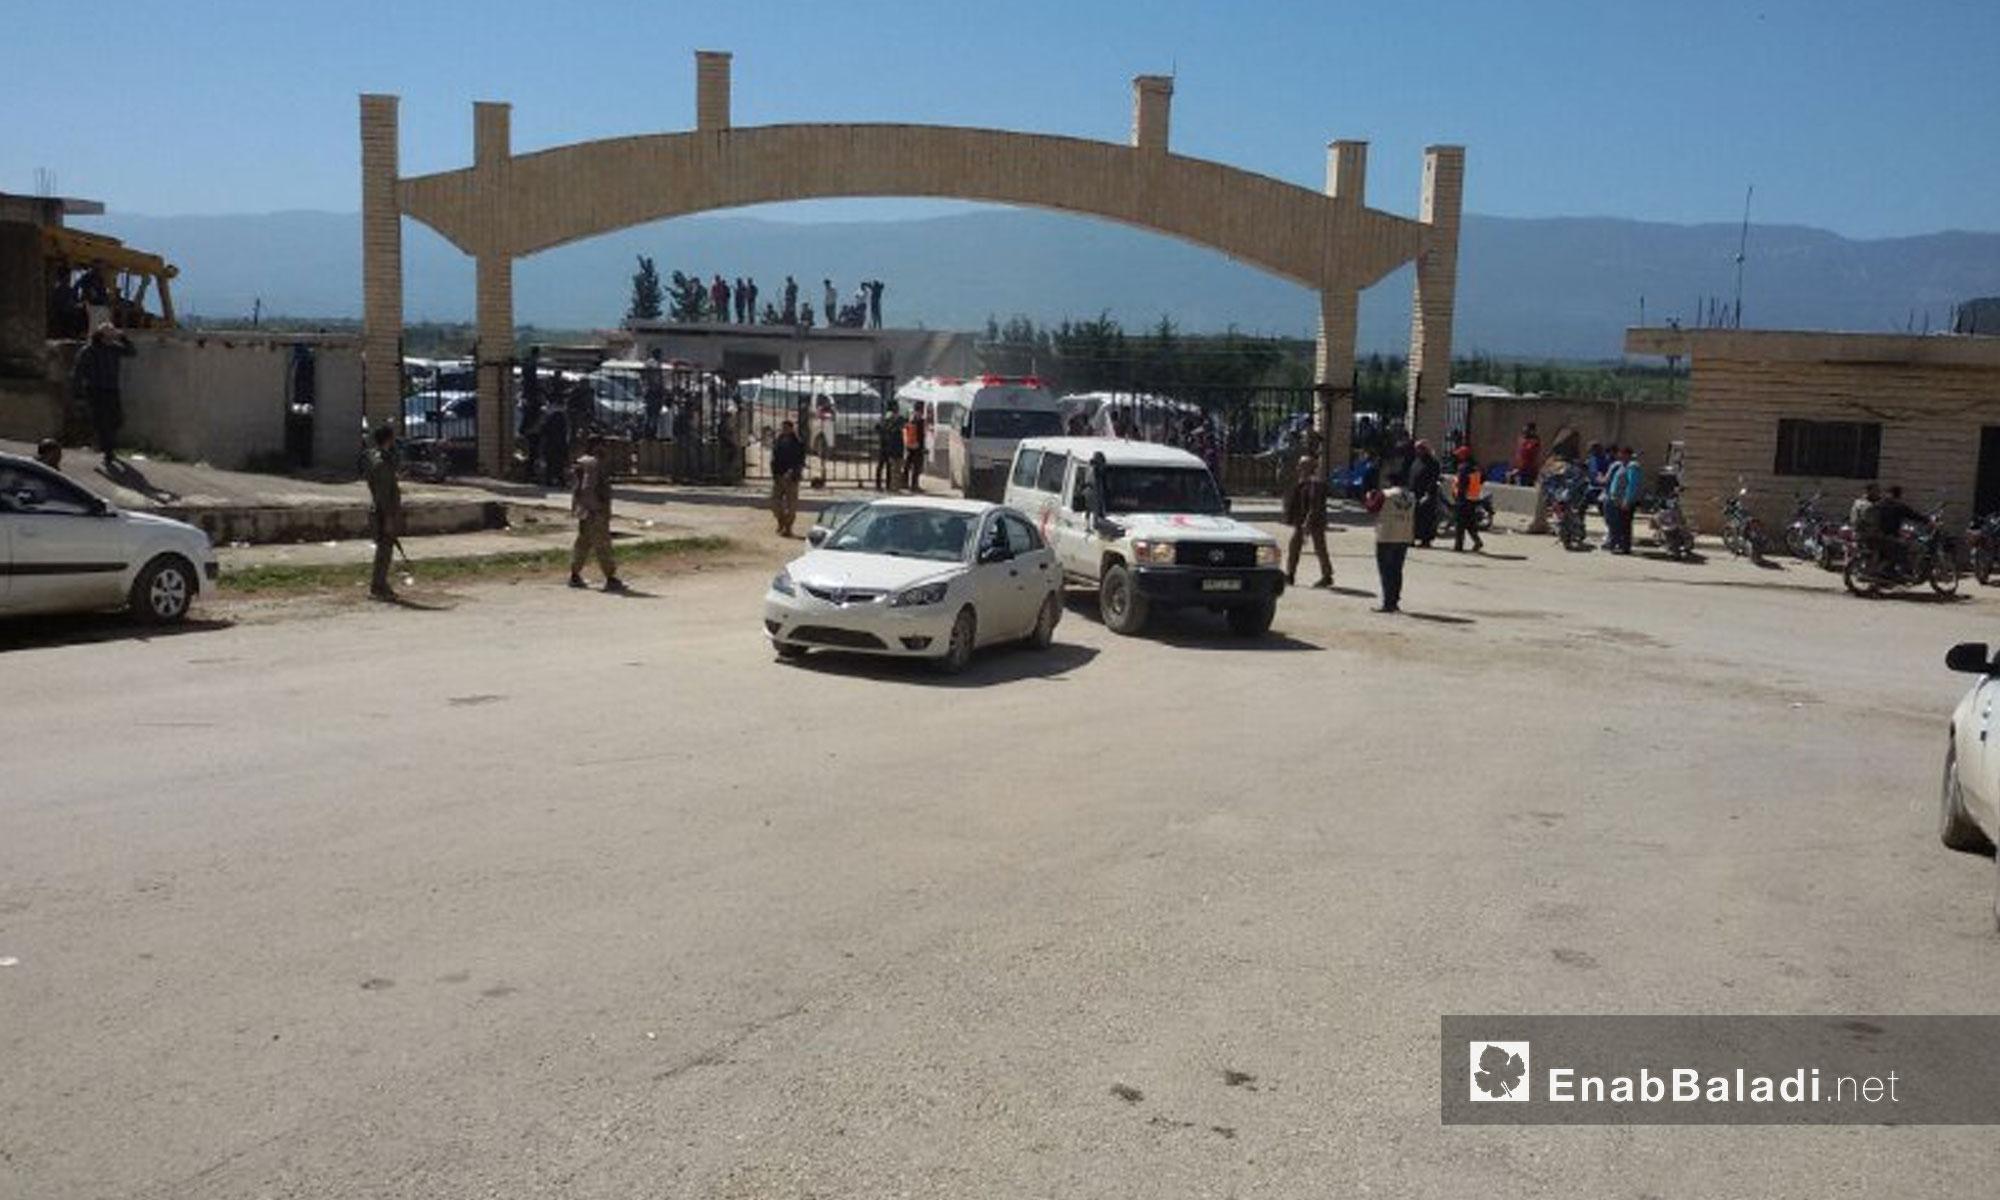 وصول الدفعة الثانية من عربين إلى قلعة المضيق بريف حماة - 26 آذار 2018 (عنب بلدي)